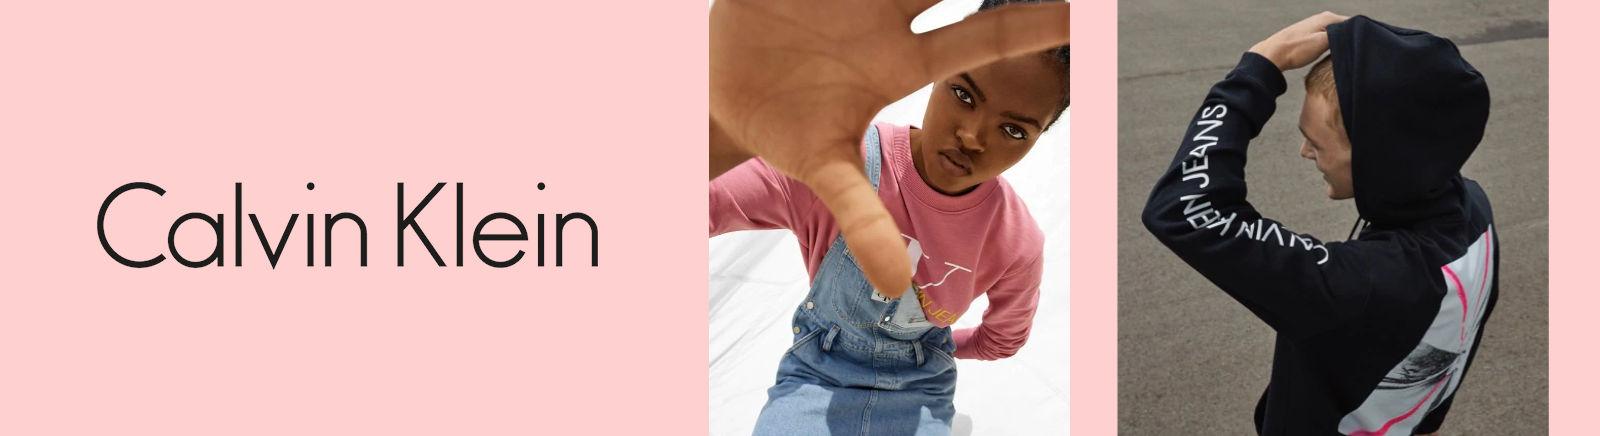 Calvin Klein Herrenschuhe online entdecken im Juppen Shop